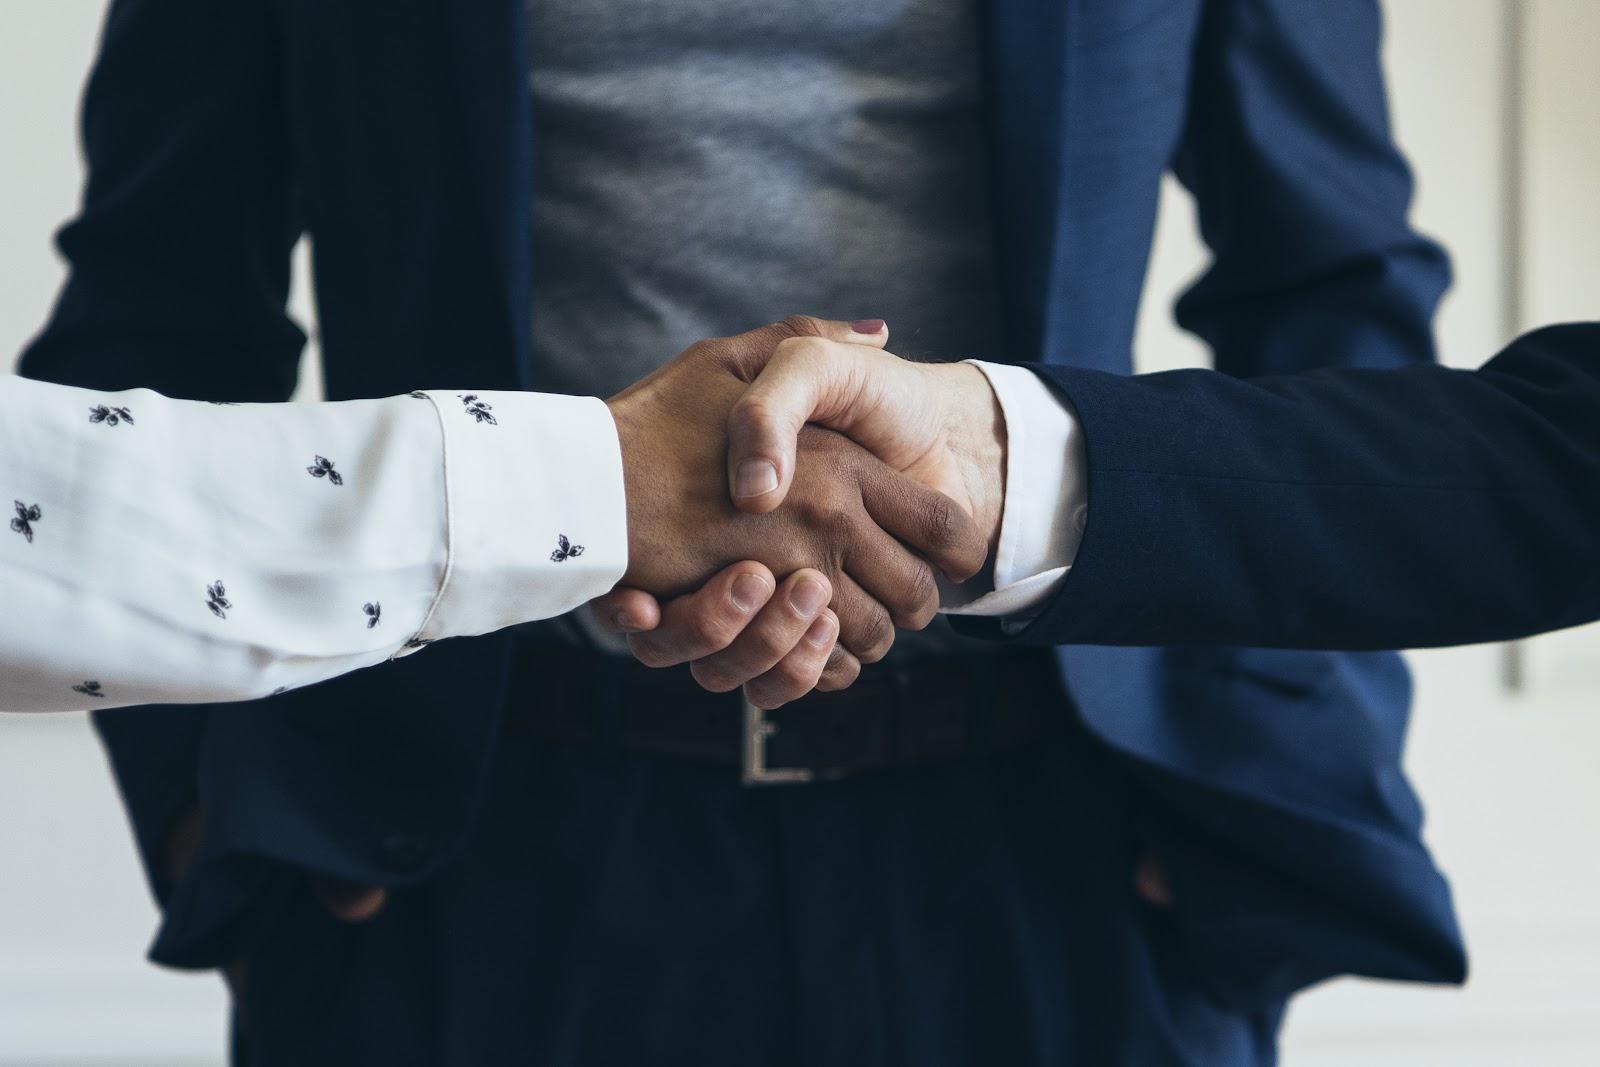 Duas mãos se cumprimentando.